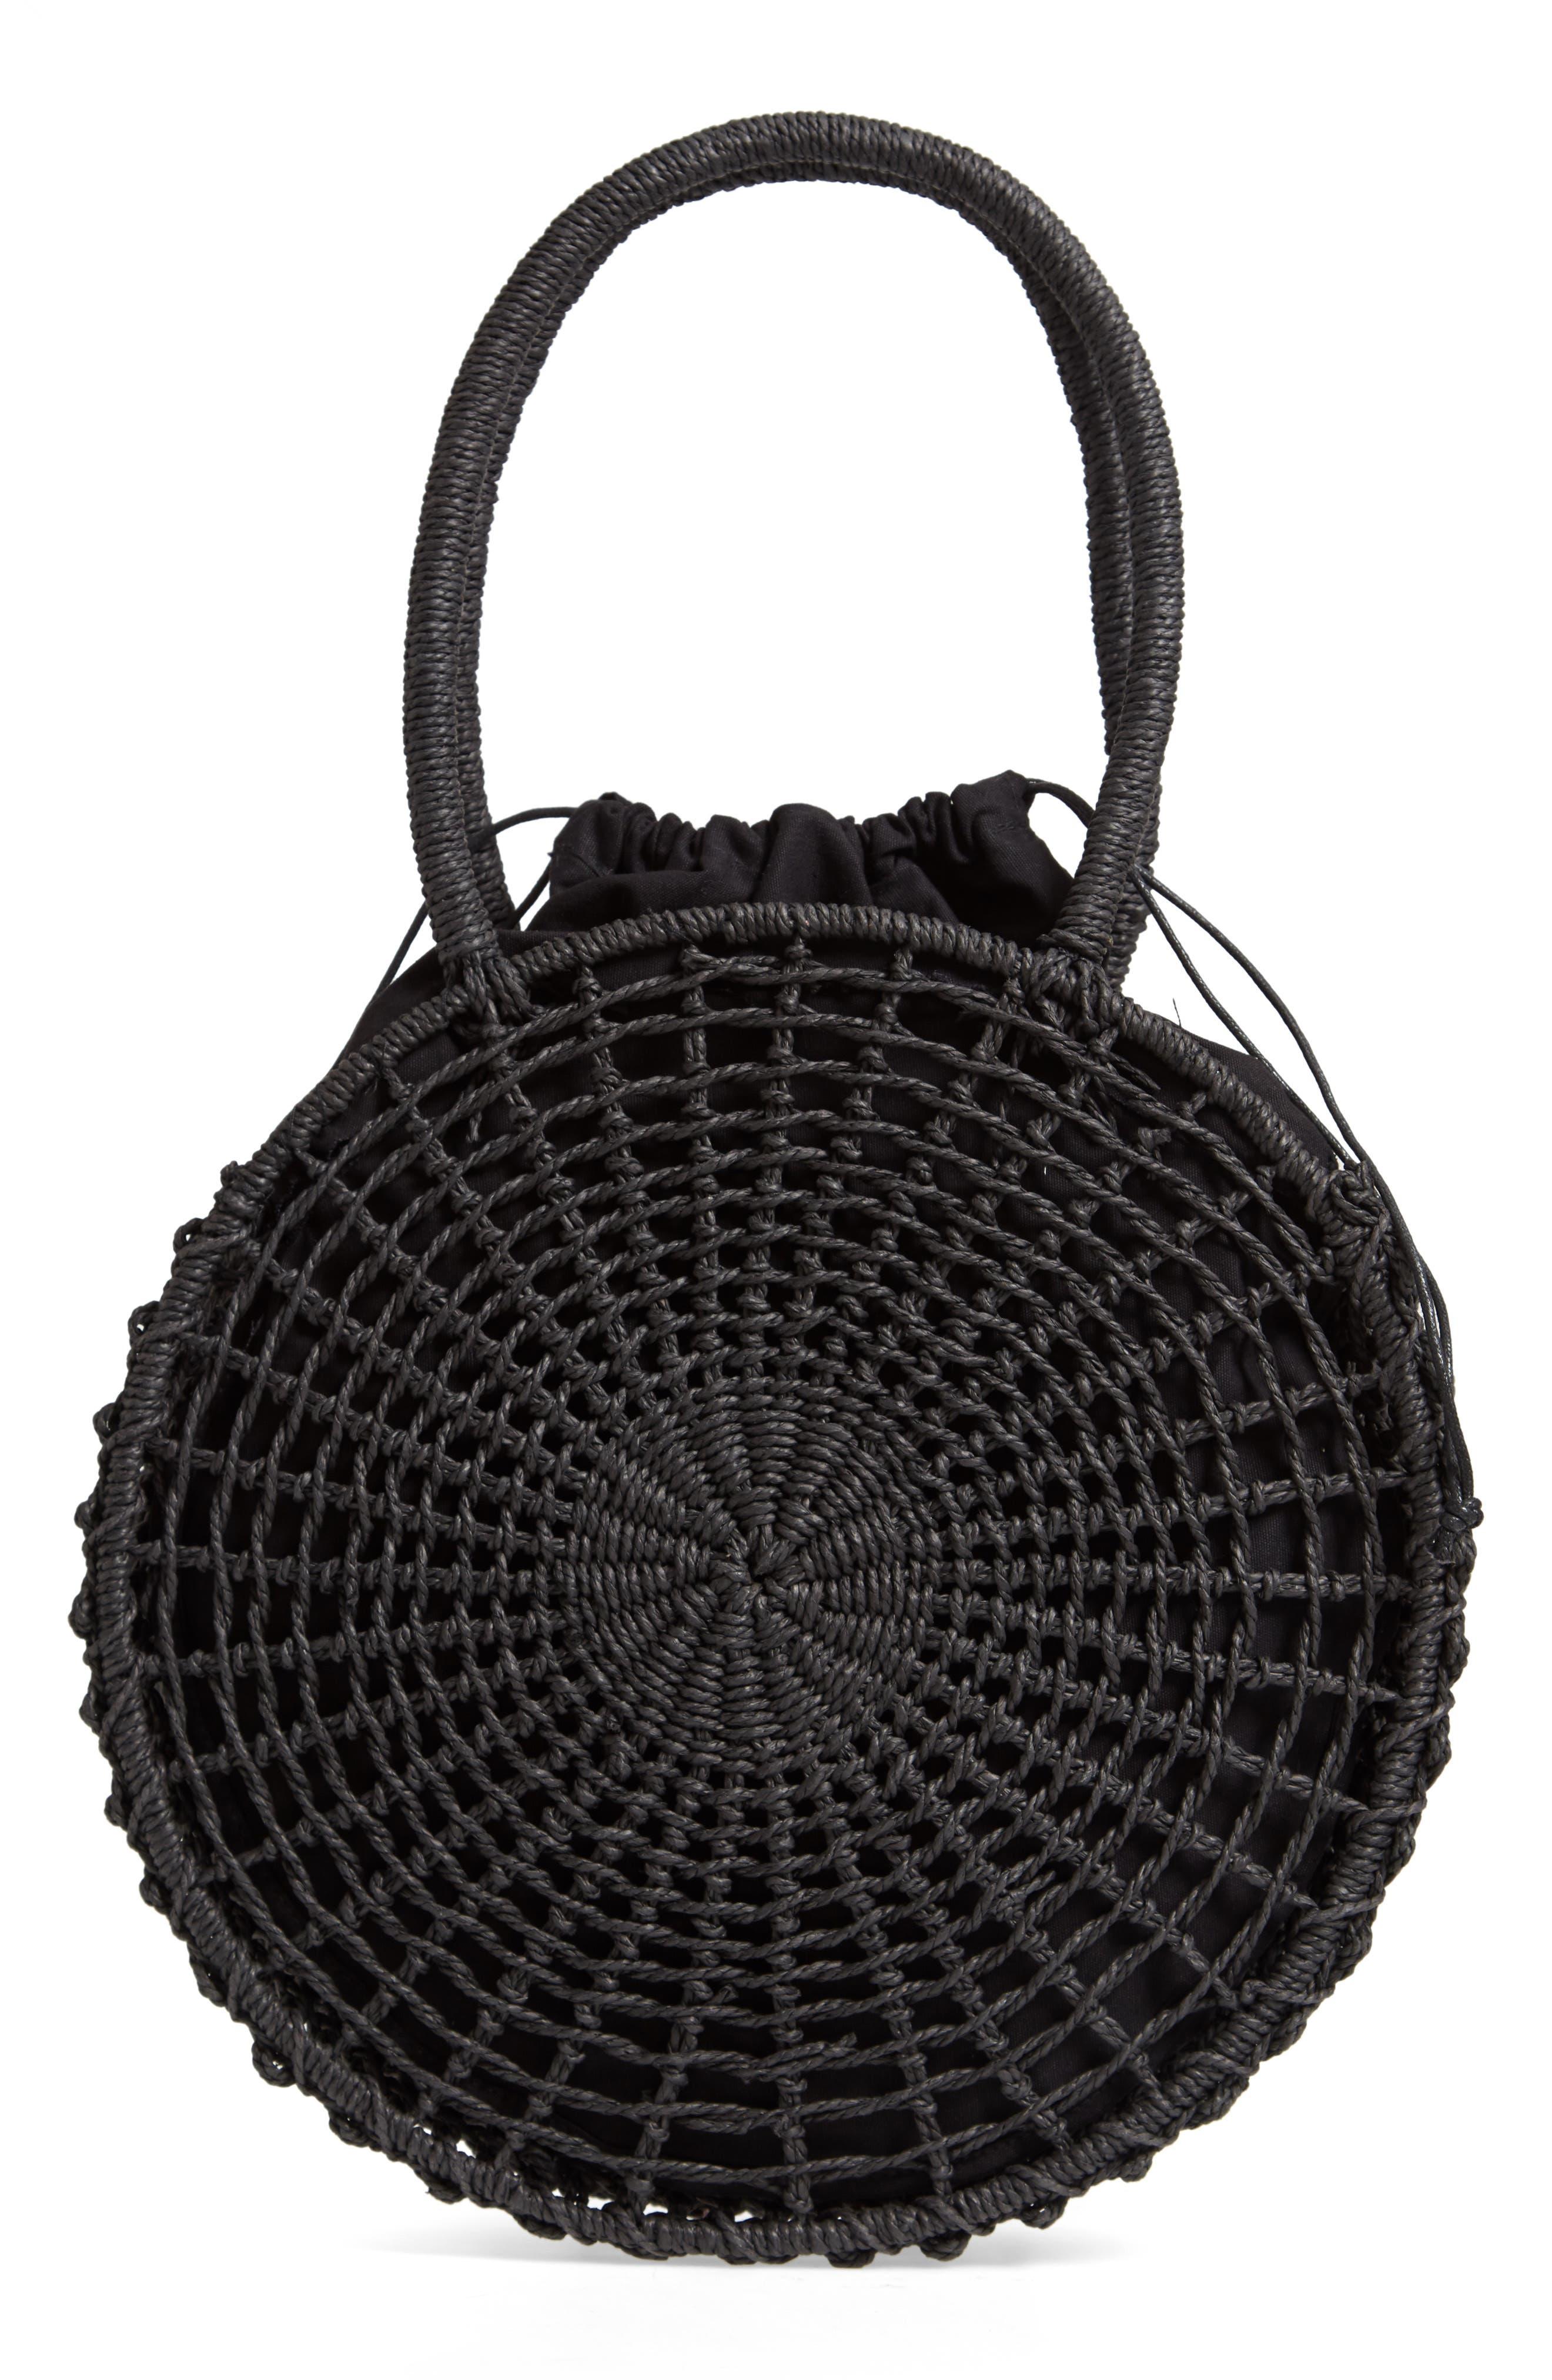 Bella Straw Circle Tote Handbag,                             Alternate thumbnail 3, color,                             BLACK